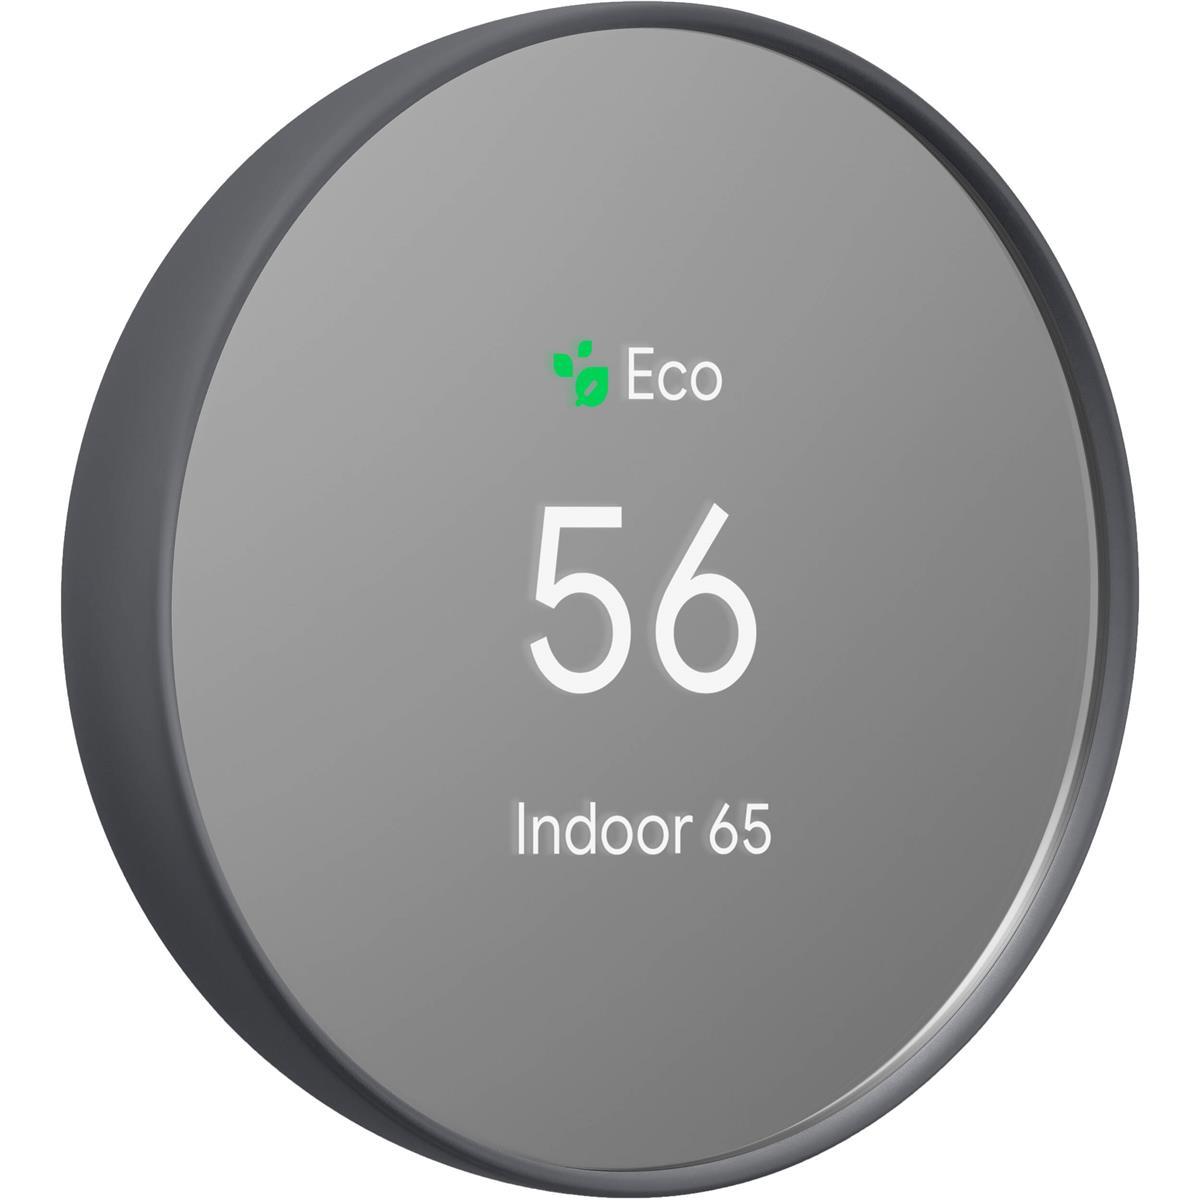 Google Nest Nest Thermostat, Charcoal